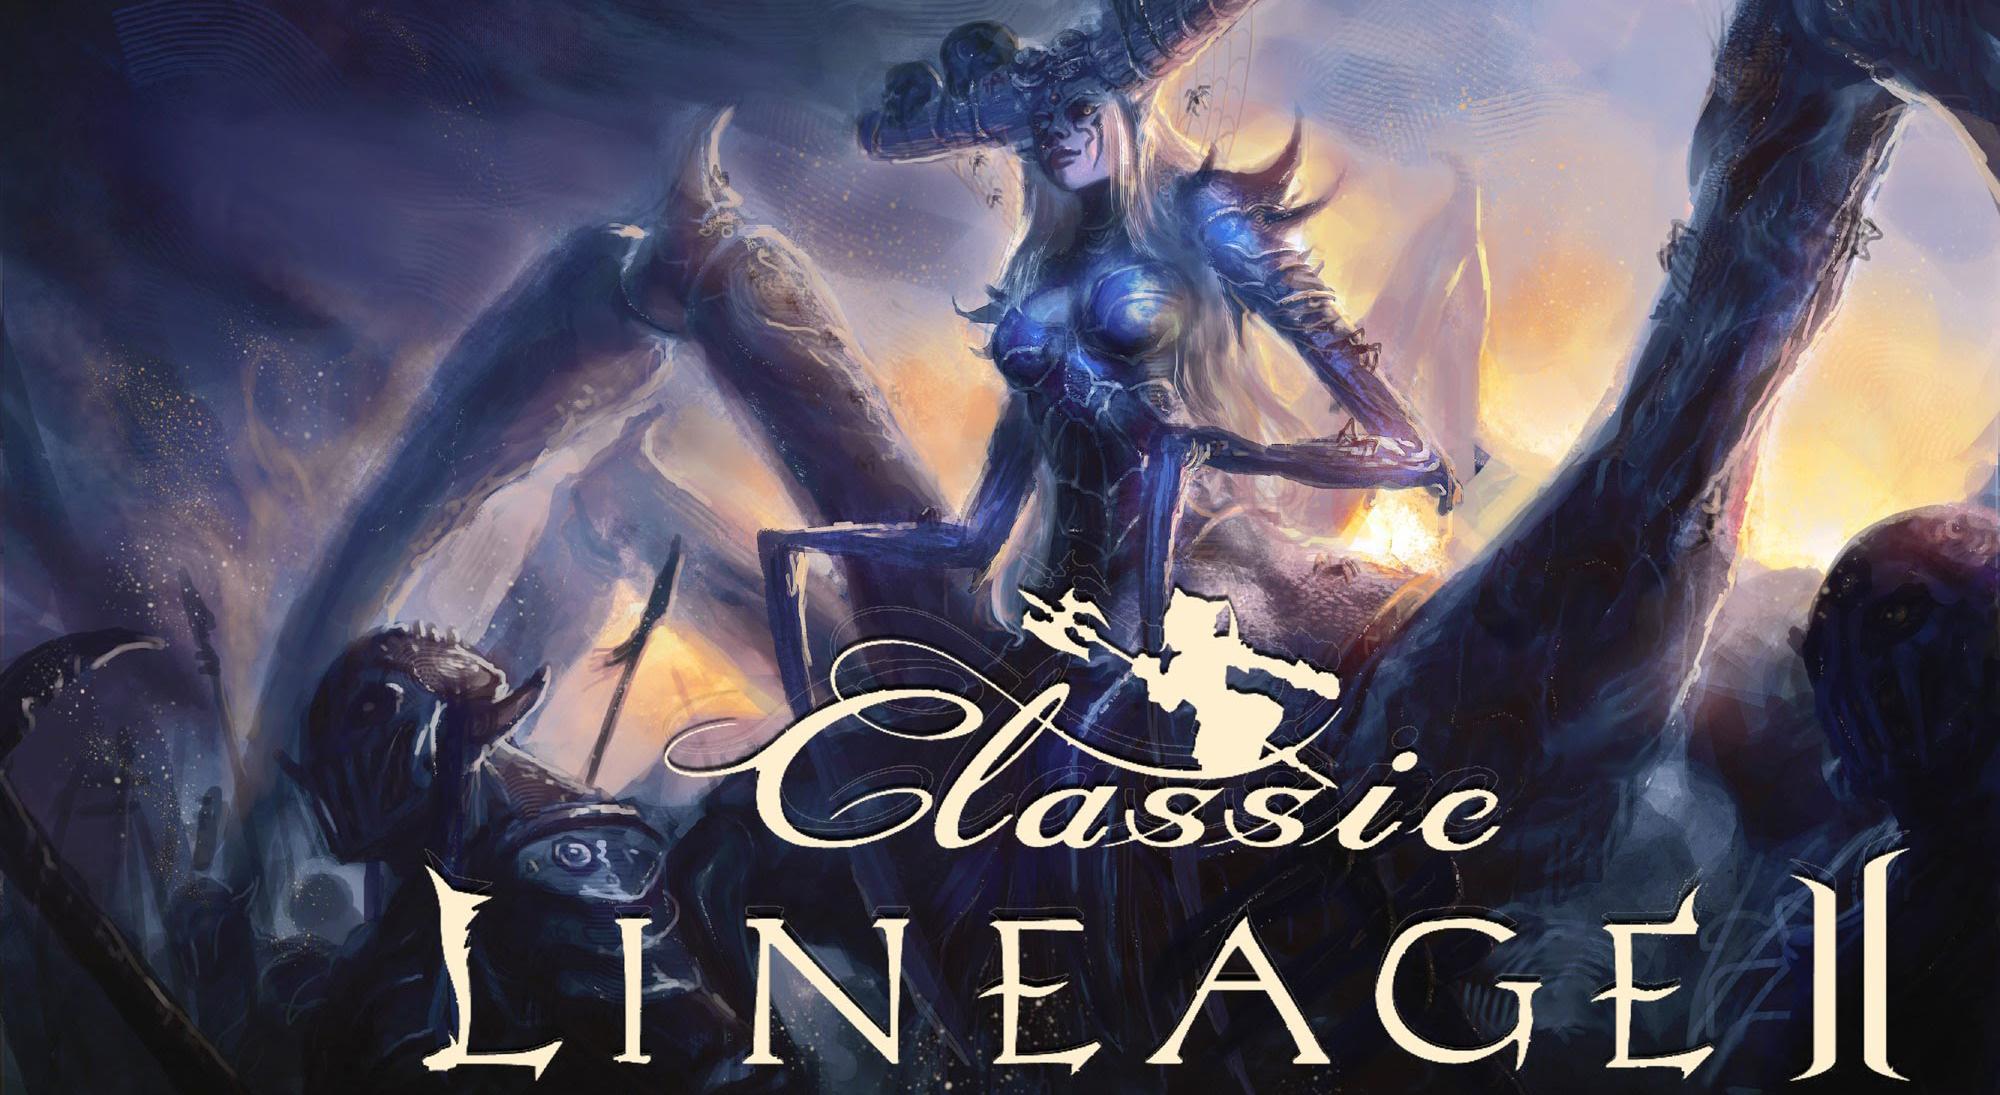 lineage 2 classic в европе ответы на вопросы